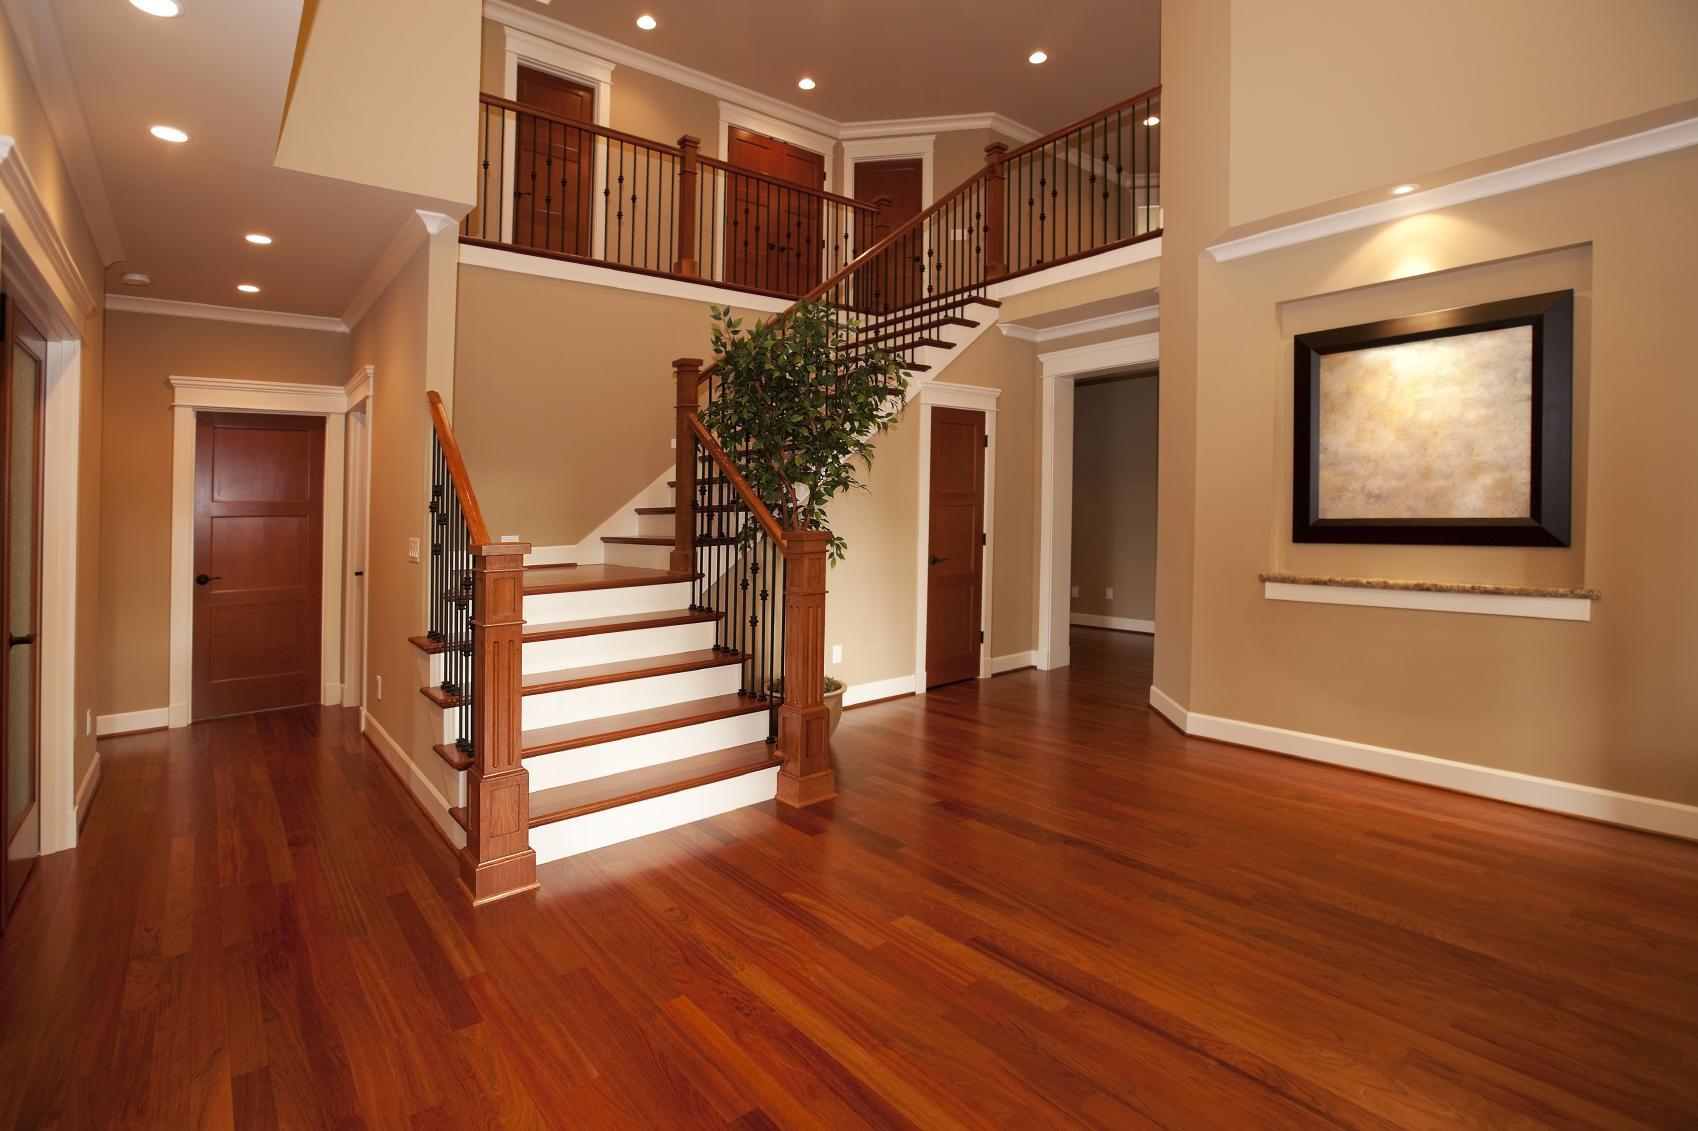 16 Perfect Dark Hardwood Floors With Light Oak Trim Unique Flooring Ideas